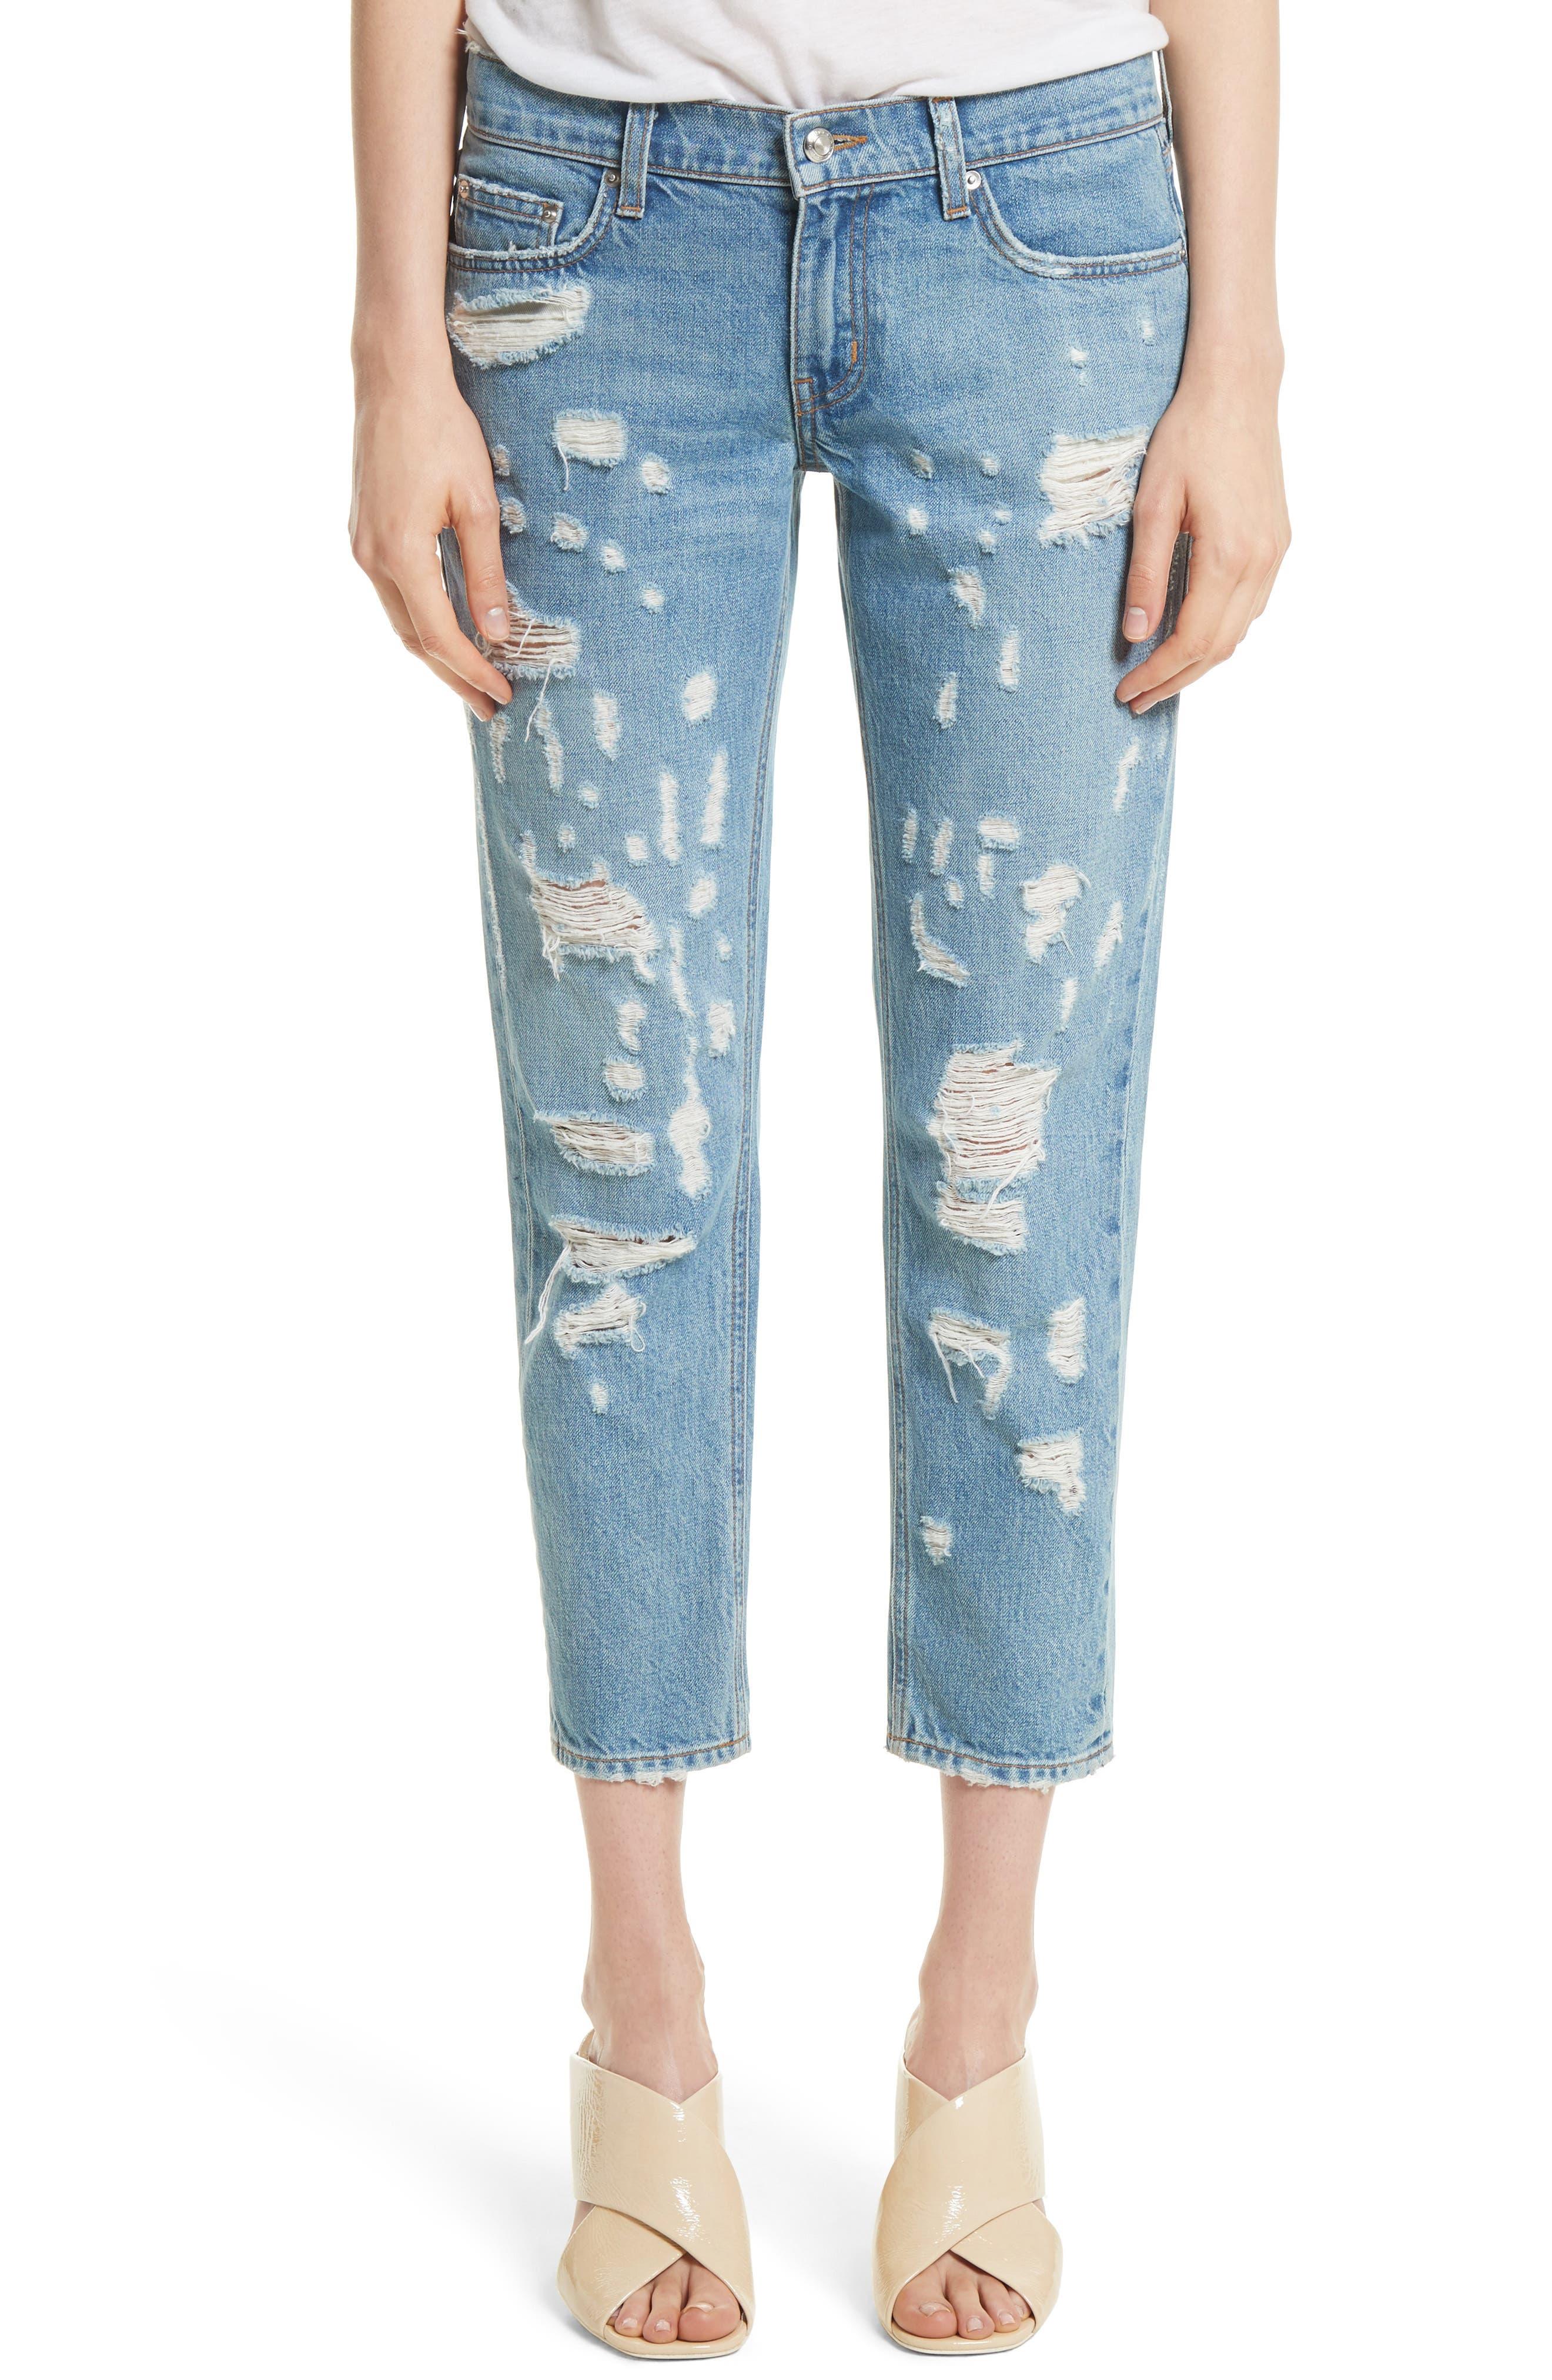 Alternate Image 1 Selected - Derek Lam 10 Crosby Mila Slim Girlfriend Jeans